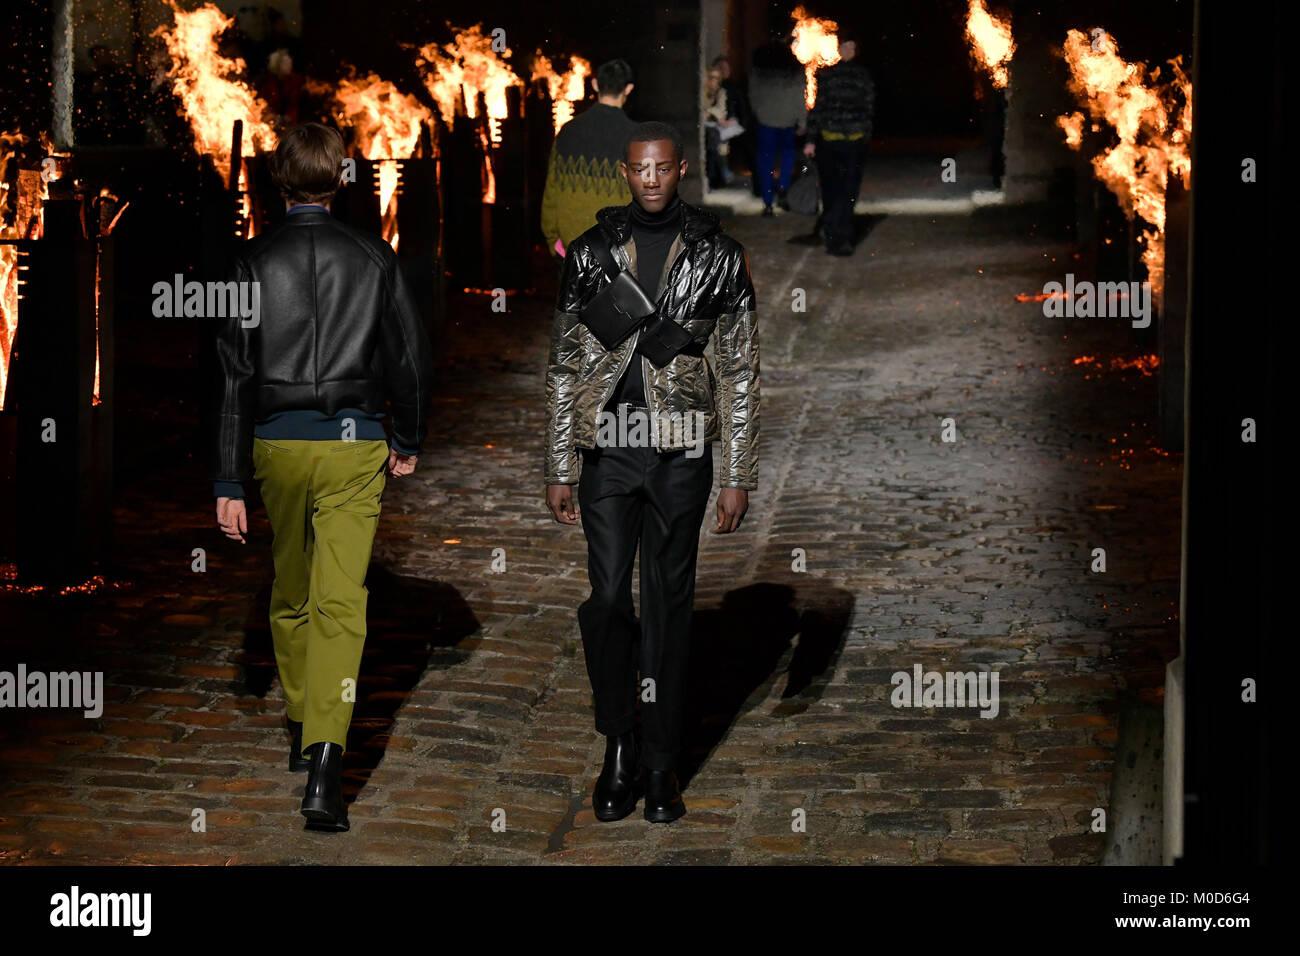 1cb363ce1d Présenter des modèles de créations de Hermes au cours de la mode masculine  pour l'automne/hiver 2018/19 collection pour hommes à Paris, France le 20  janvier ...